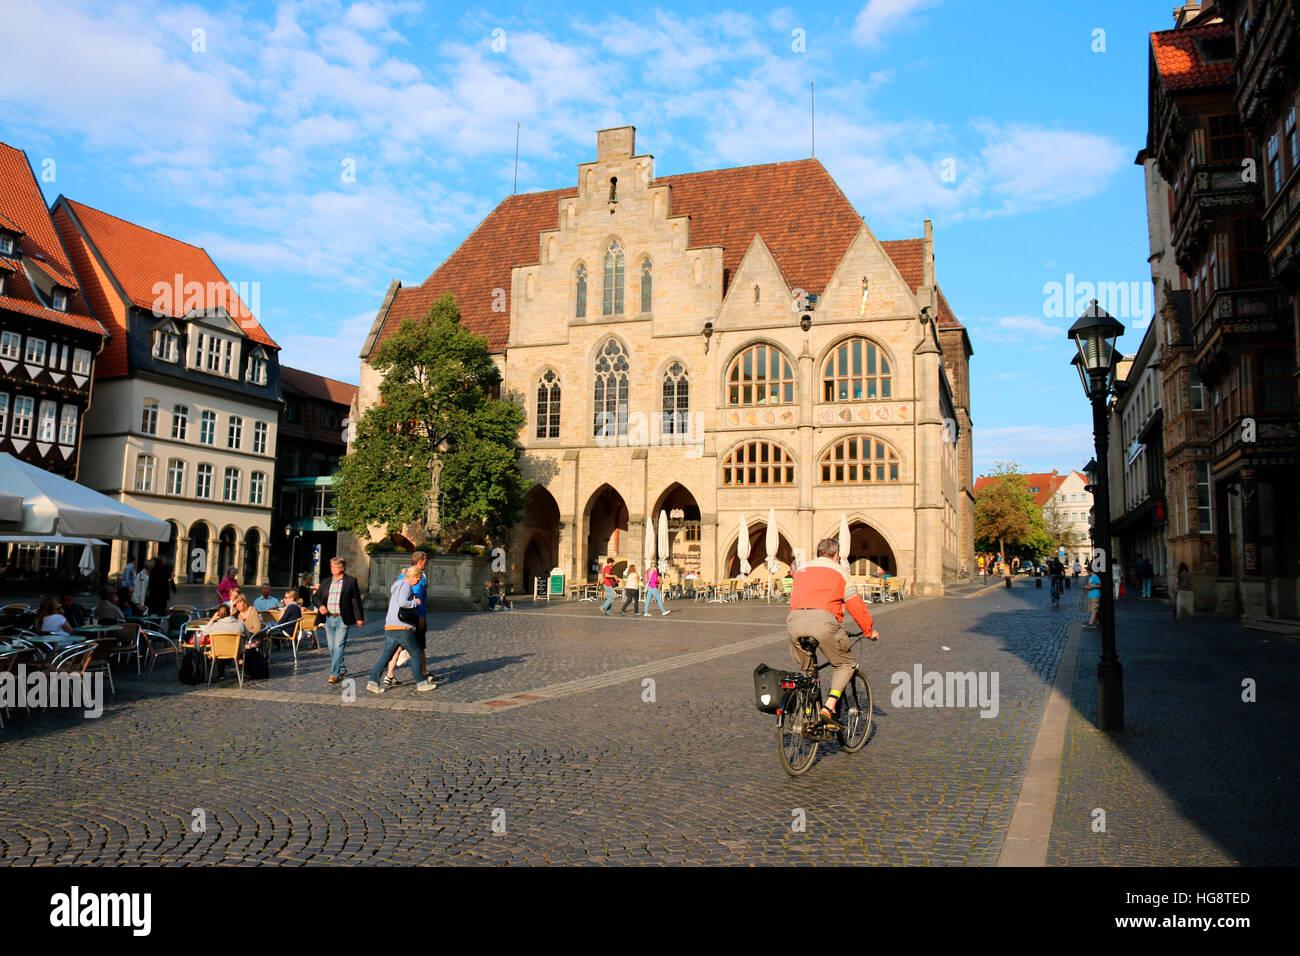 Impressionen: Hildesheim. Stockbild